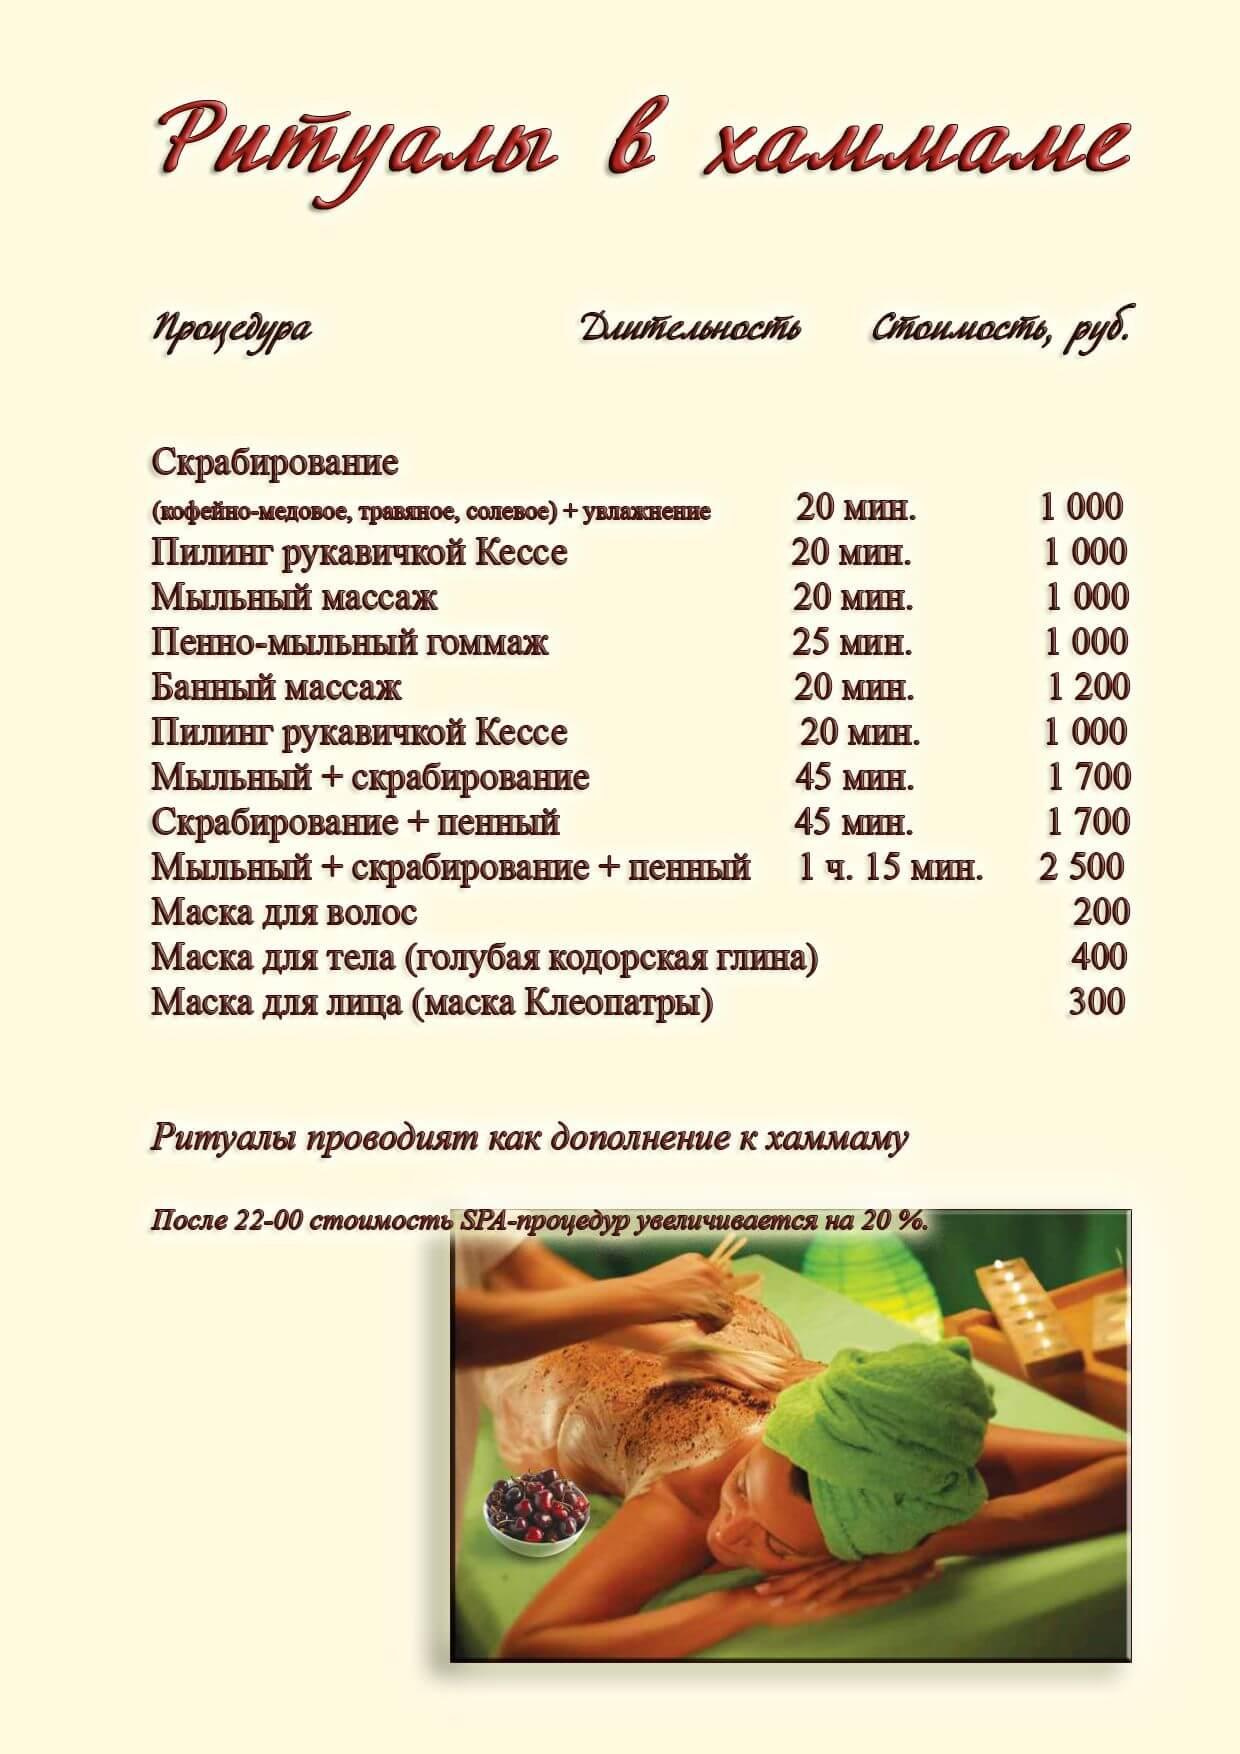 Цены на ритуалы в хаммаме - Гранд отель Гагра - отель европейского уровня в Абхазии (Grand Hotel Gagra)